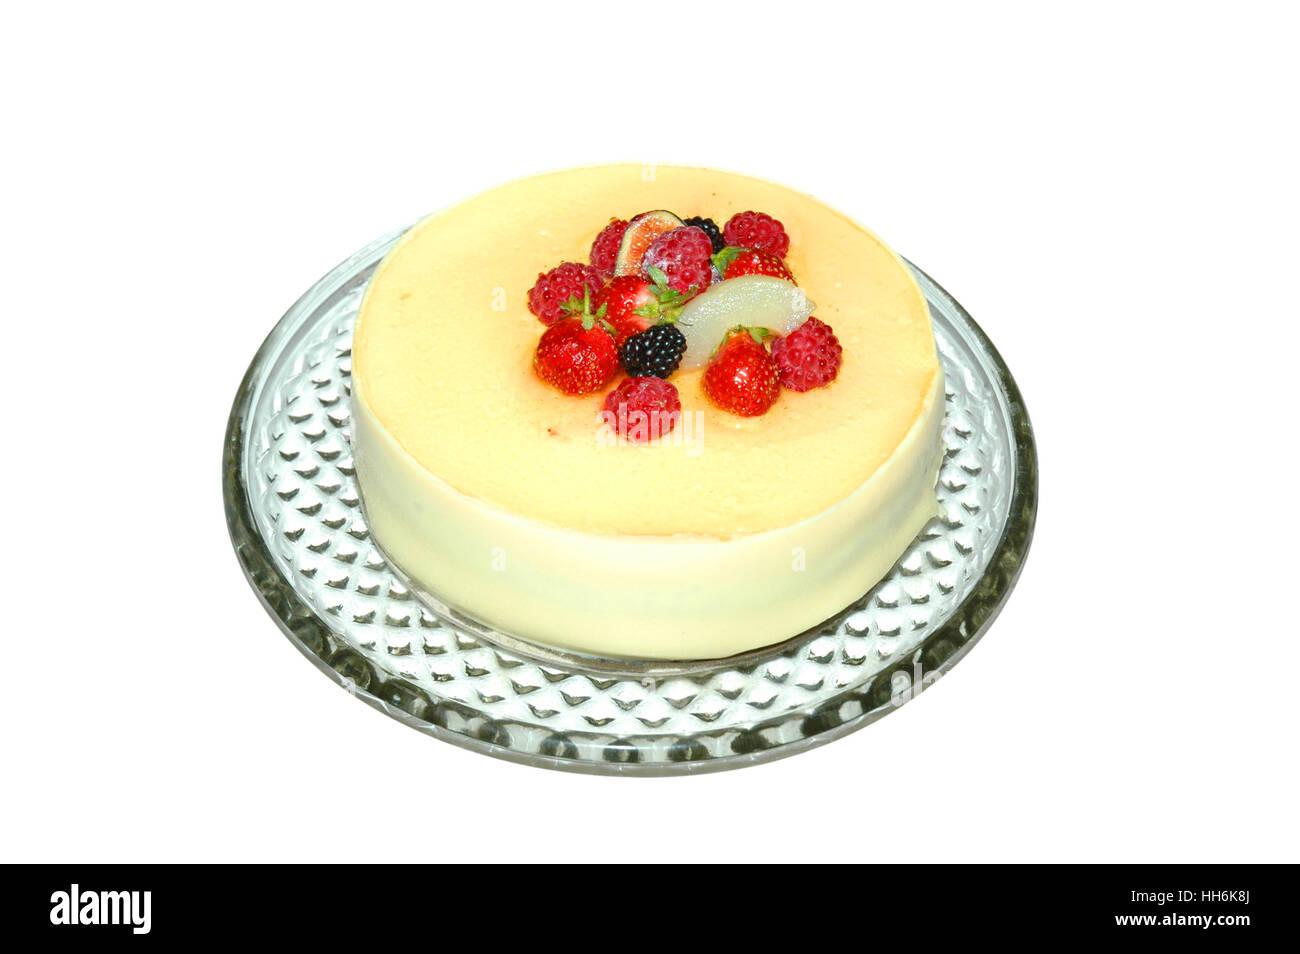 Fruit cake isolated on white Stock Photo